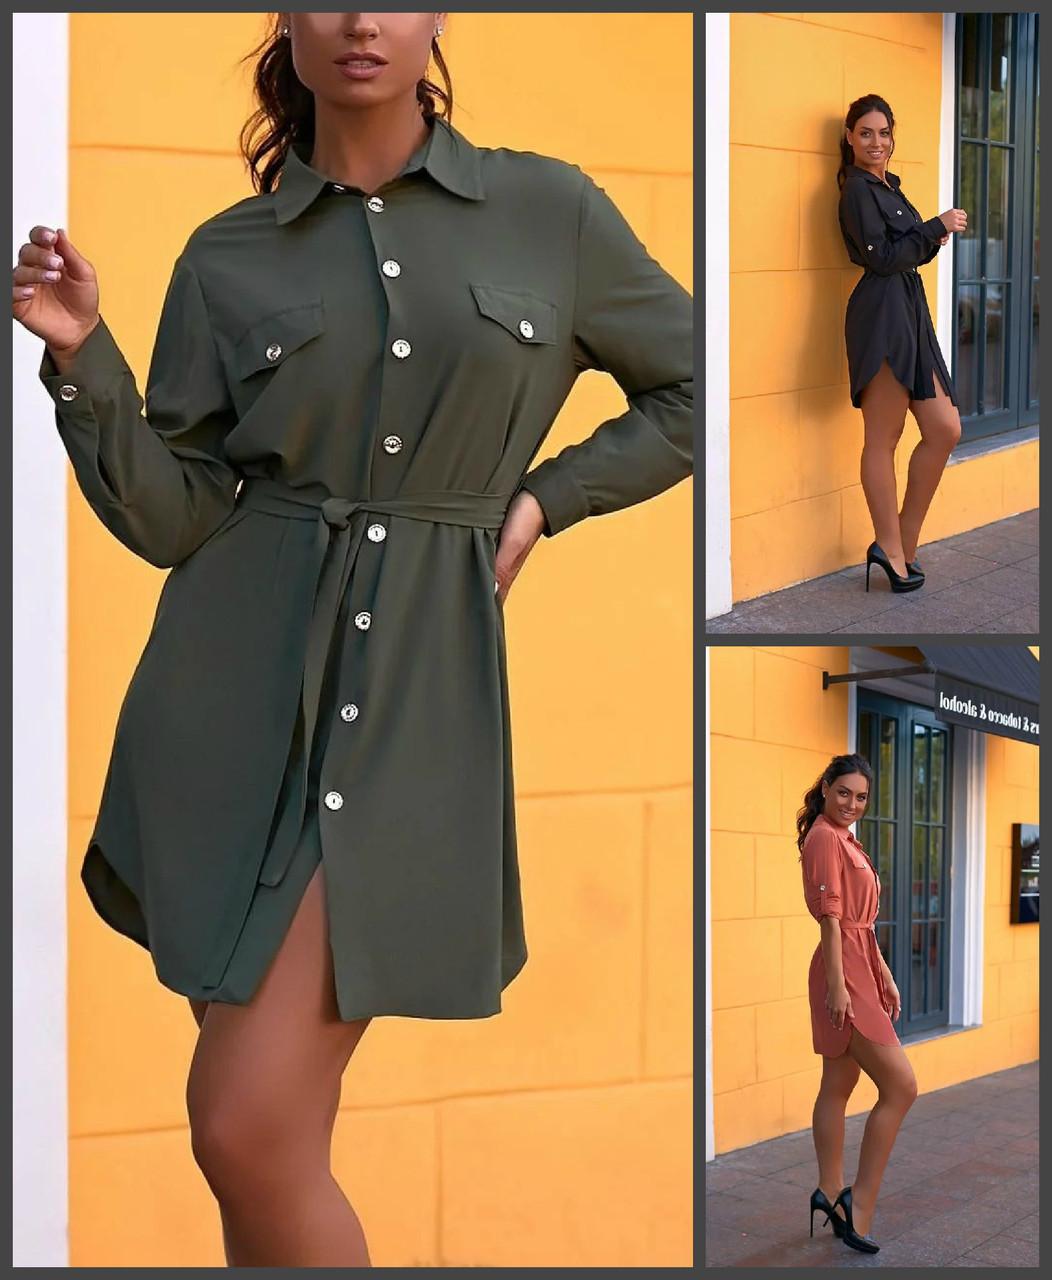 Купить Р. 42-52. Платье-рубашка на пуговицах с длинным рукавом молодежное. Розовое, зеленое, черное платьице с поясом.